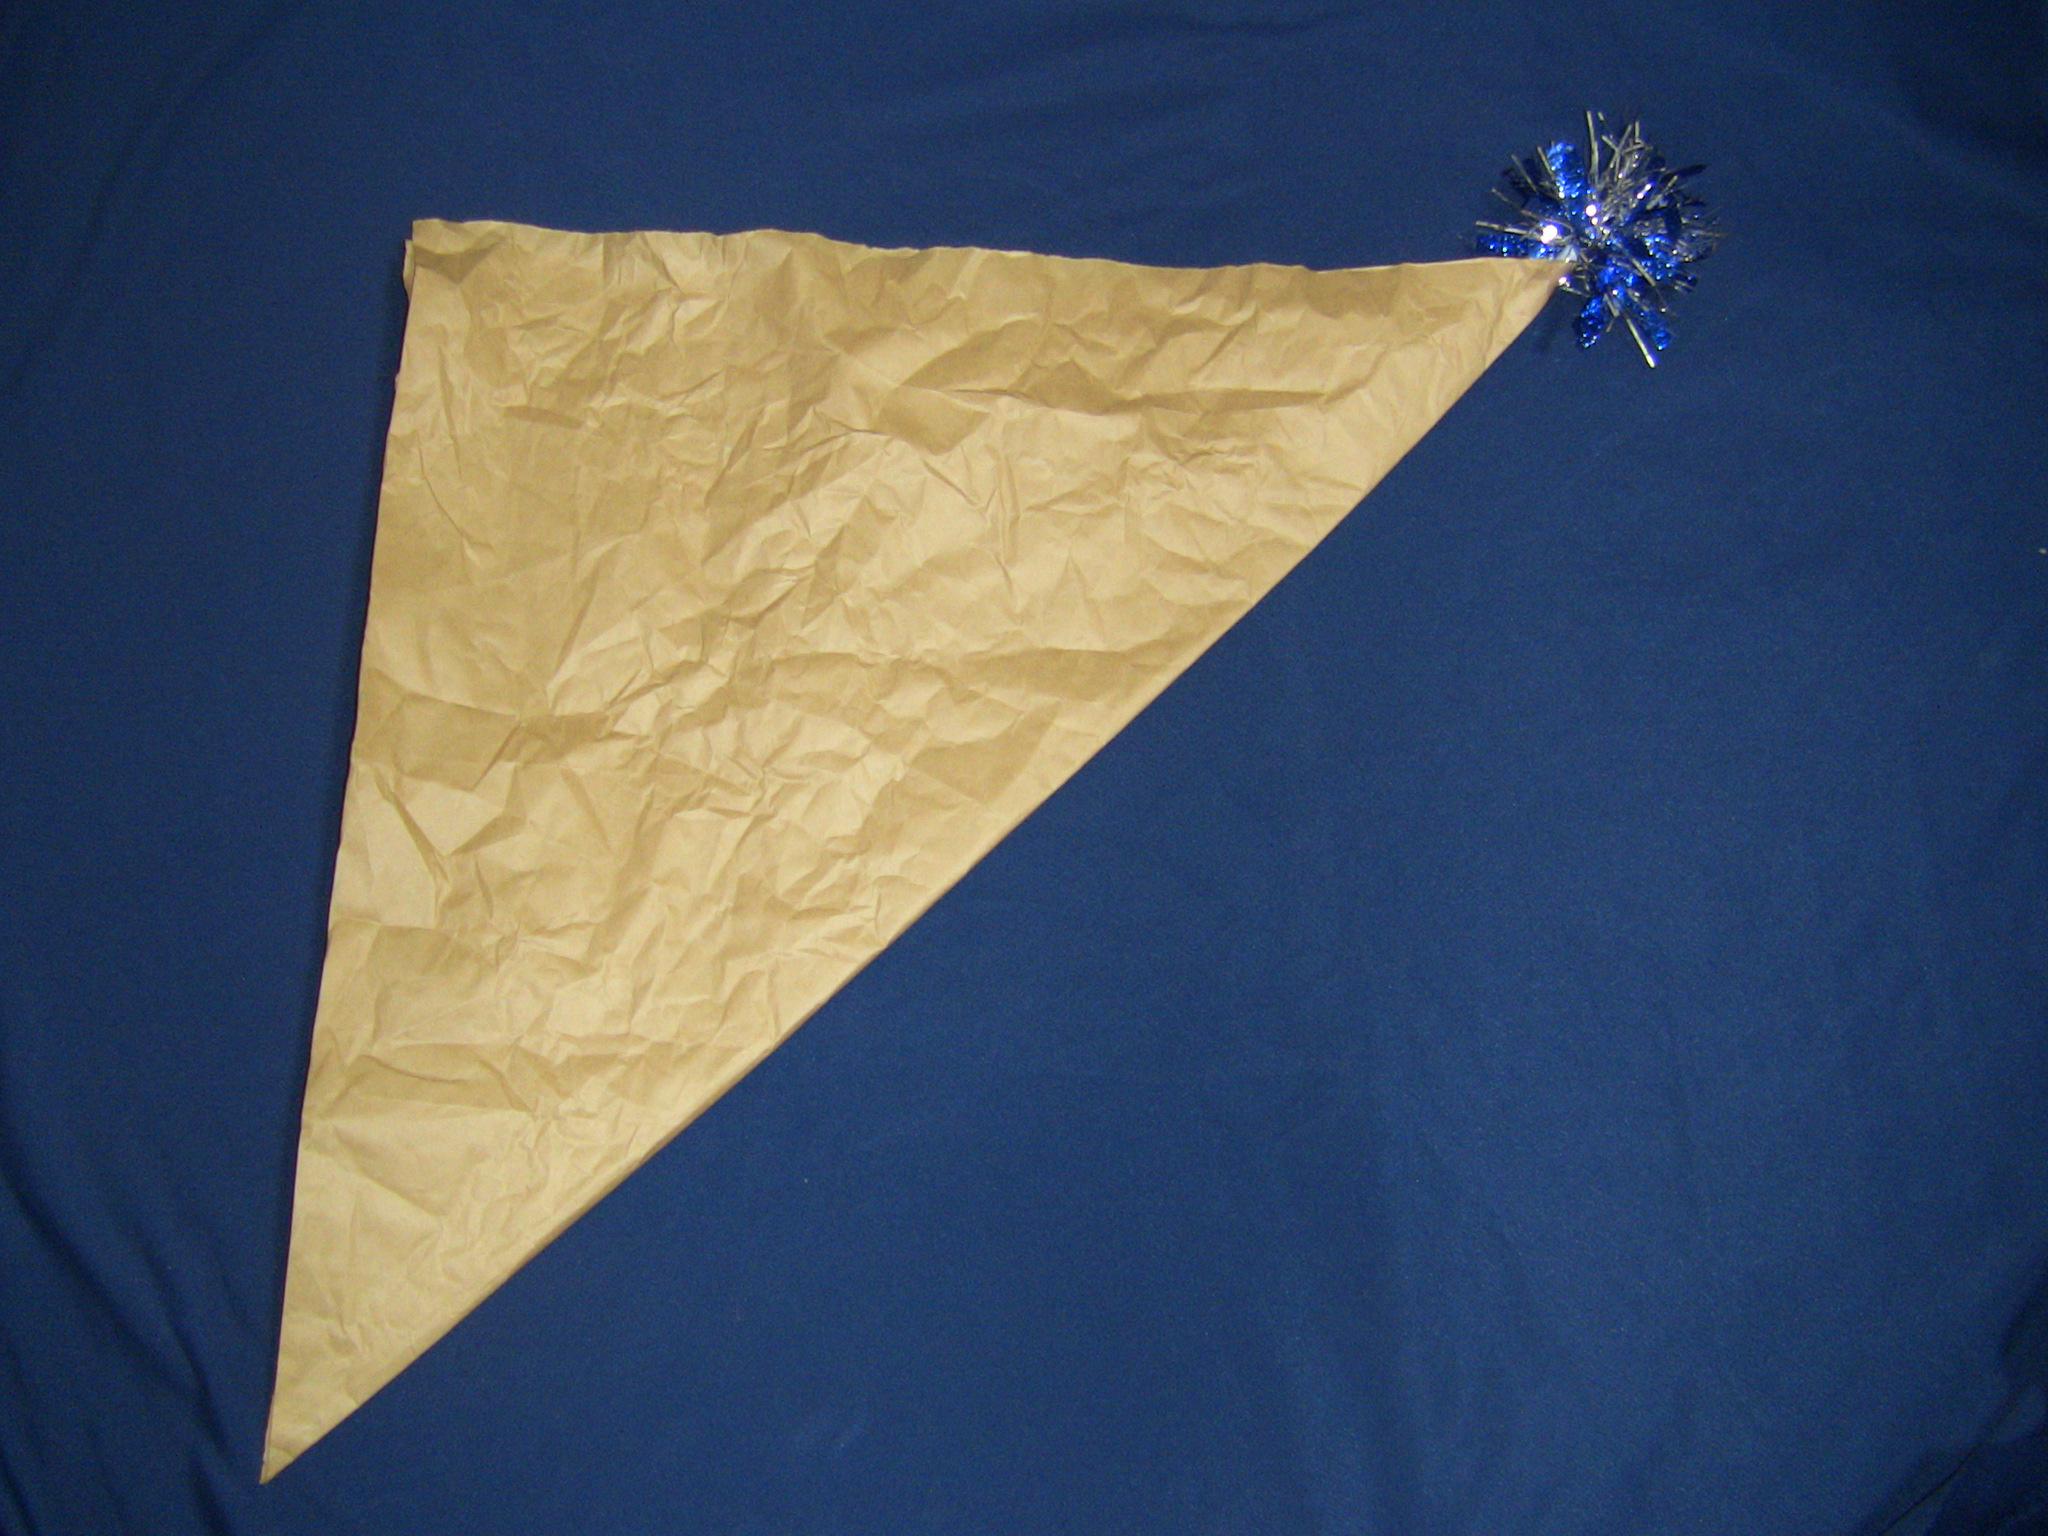 クラフト紙で魔法使い帽子頂点の片方に飾りをつける